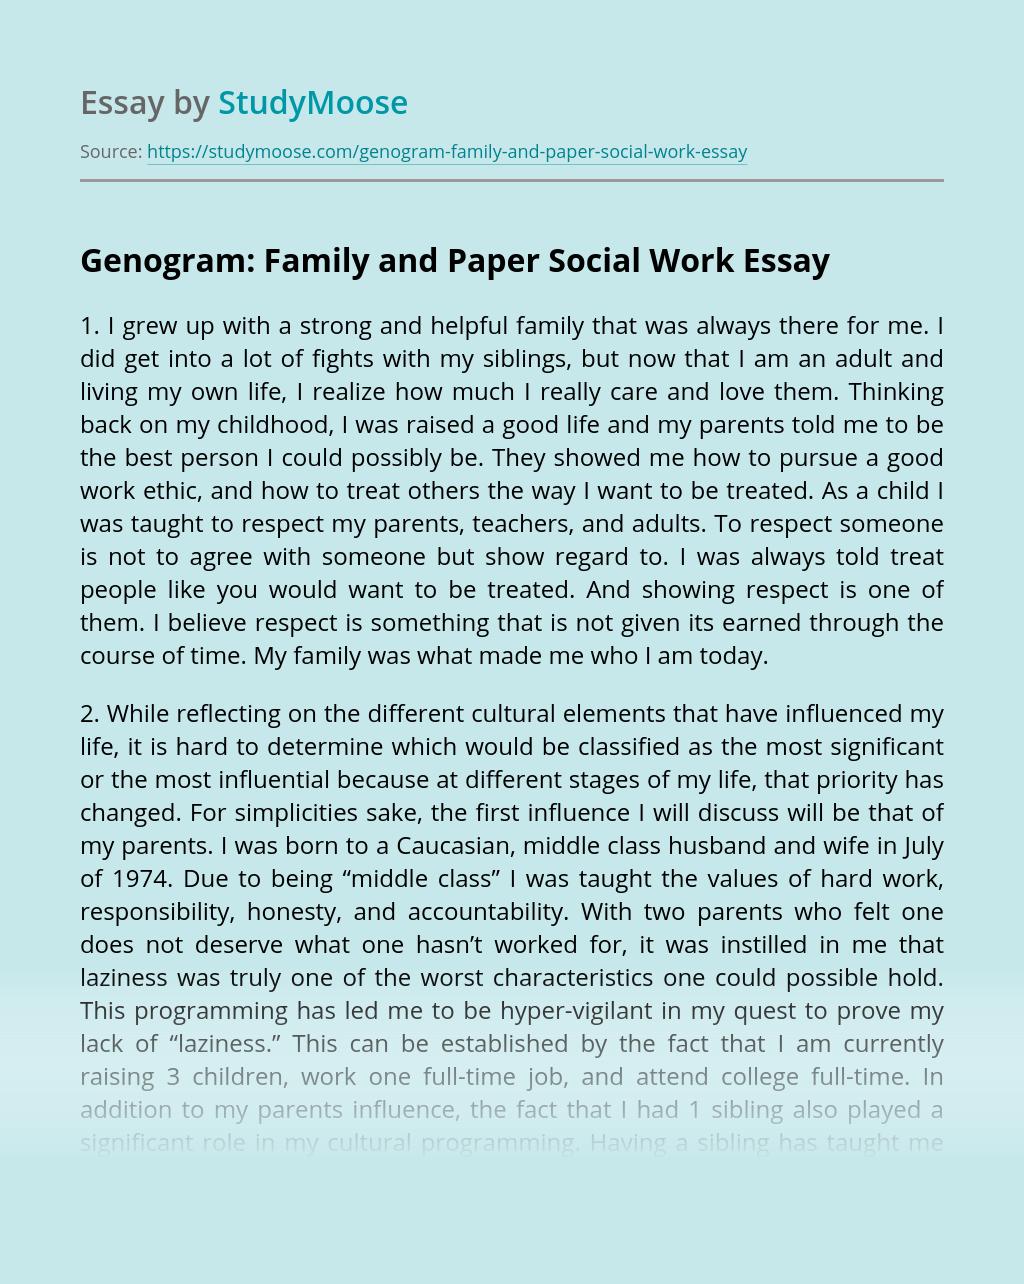 Genogram: Family and Paper Social Work